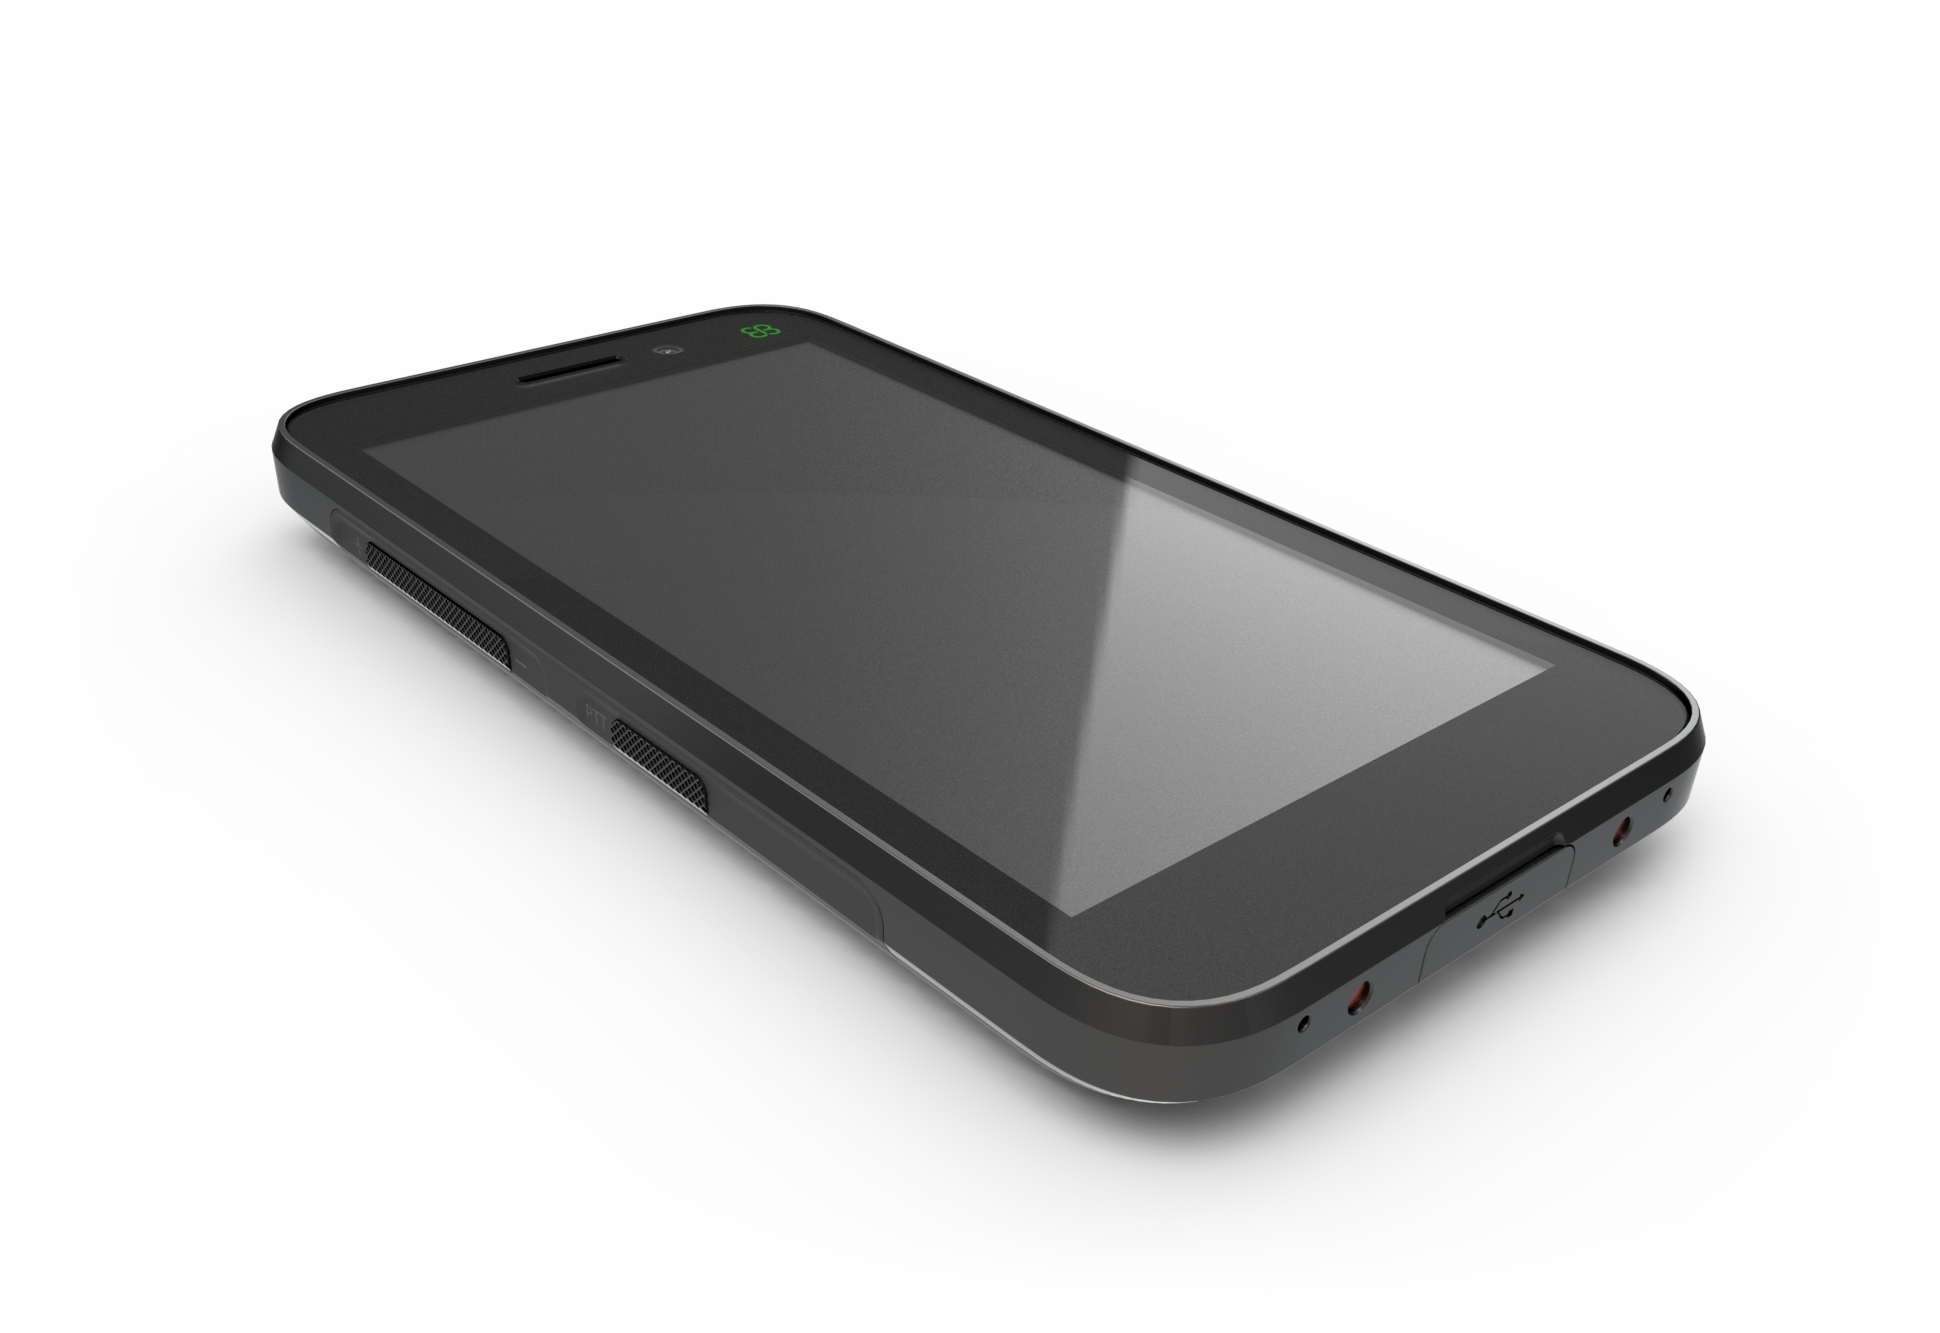 EBToughMobilesmartphone2